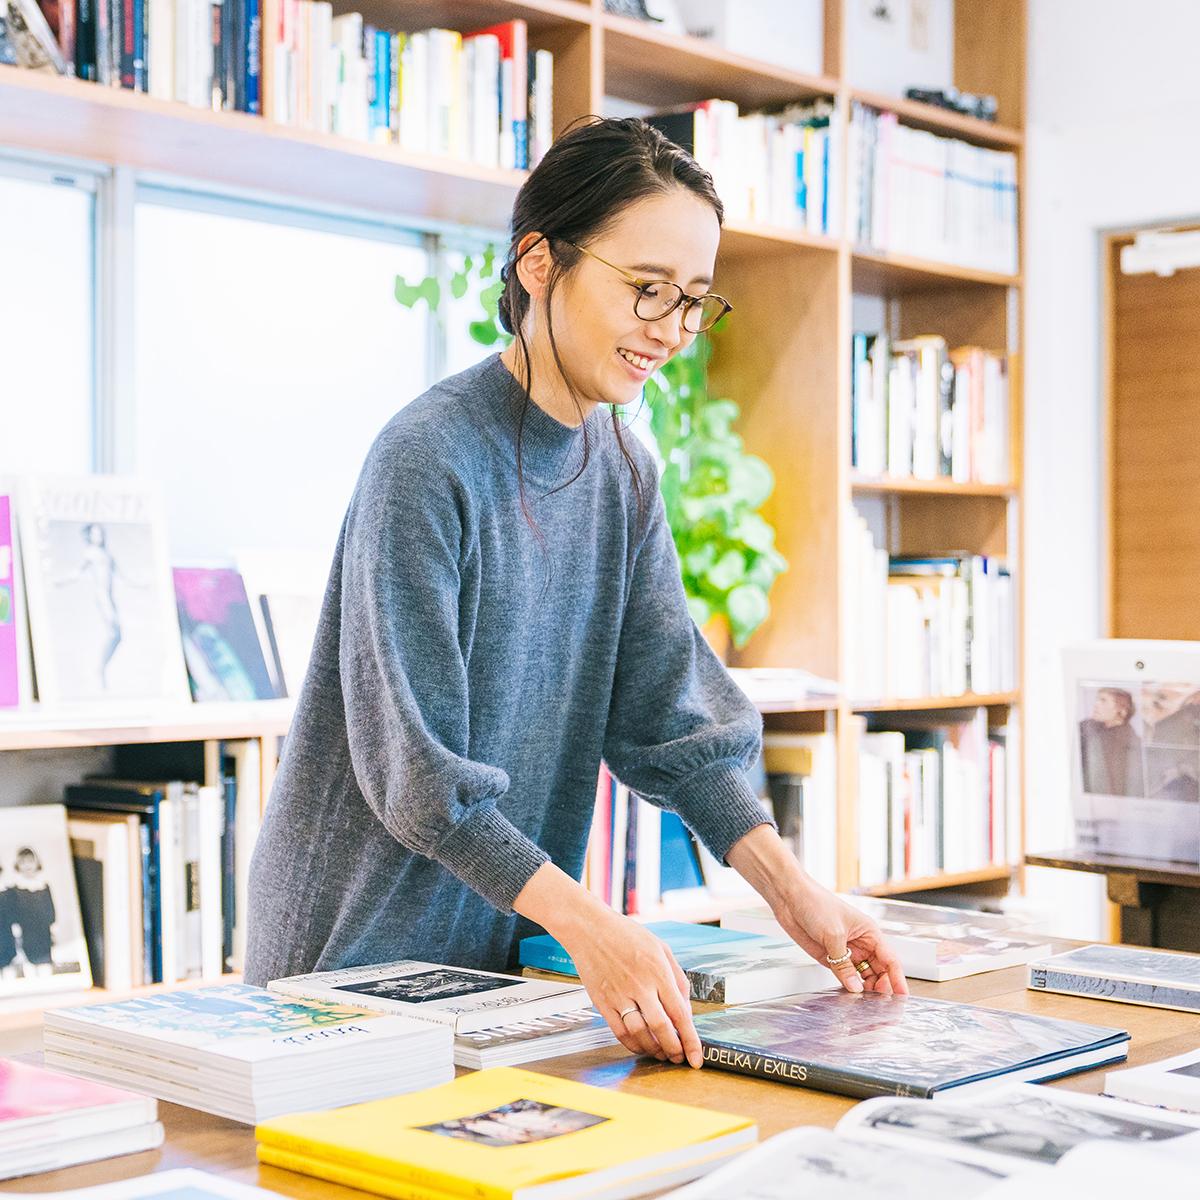 book obscura店主 黒﨑由衣さん